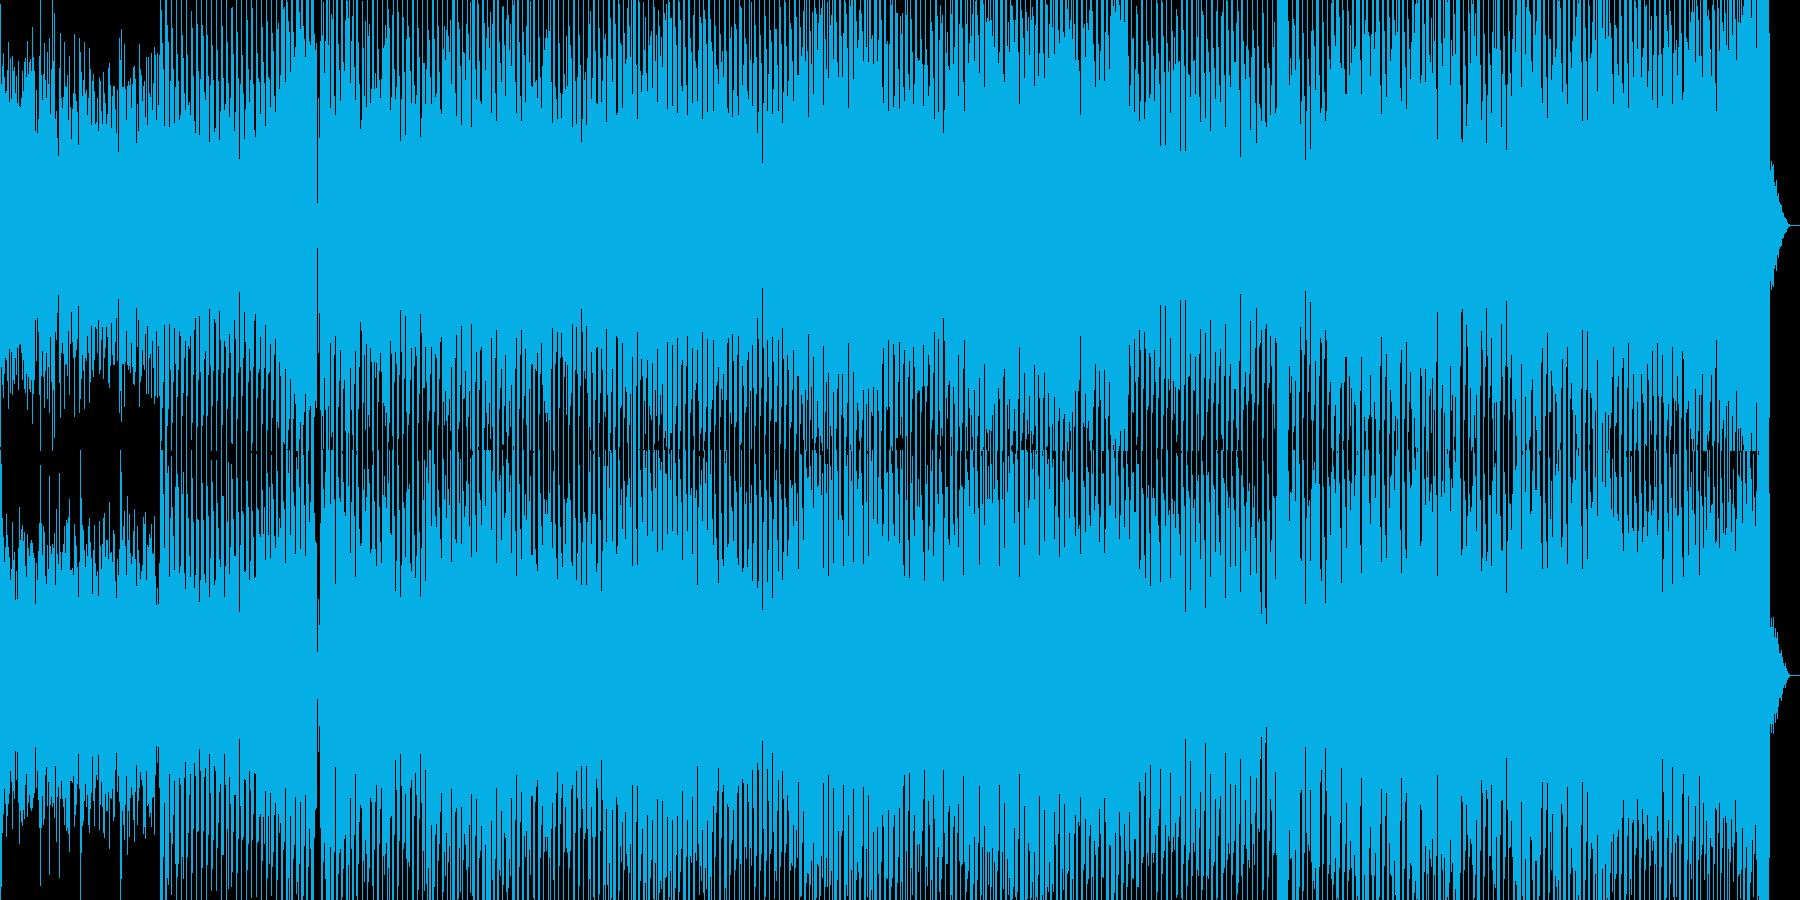 ミニマリズムがかっこいいテクノ曲の再生済みの波形